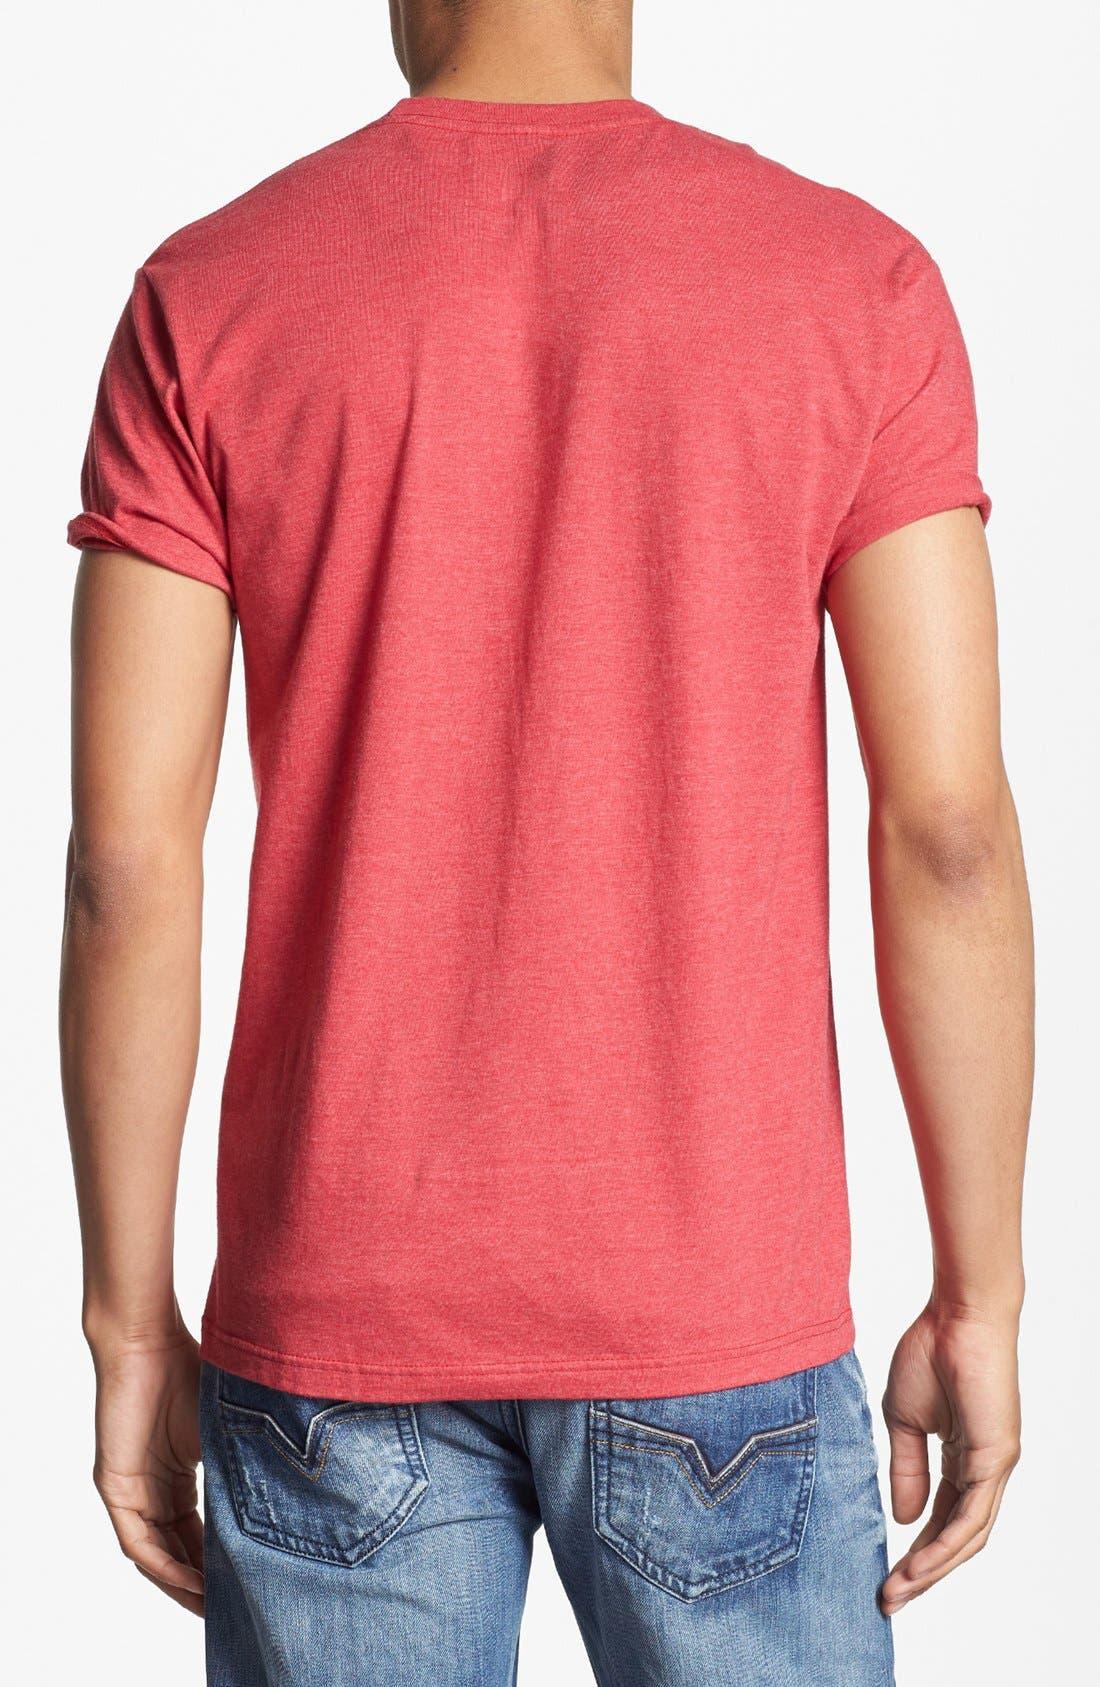 Alternate Image 2  - Topless 'Munchies' Graphic T-Shirt